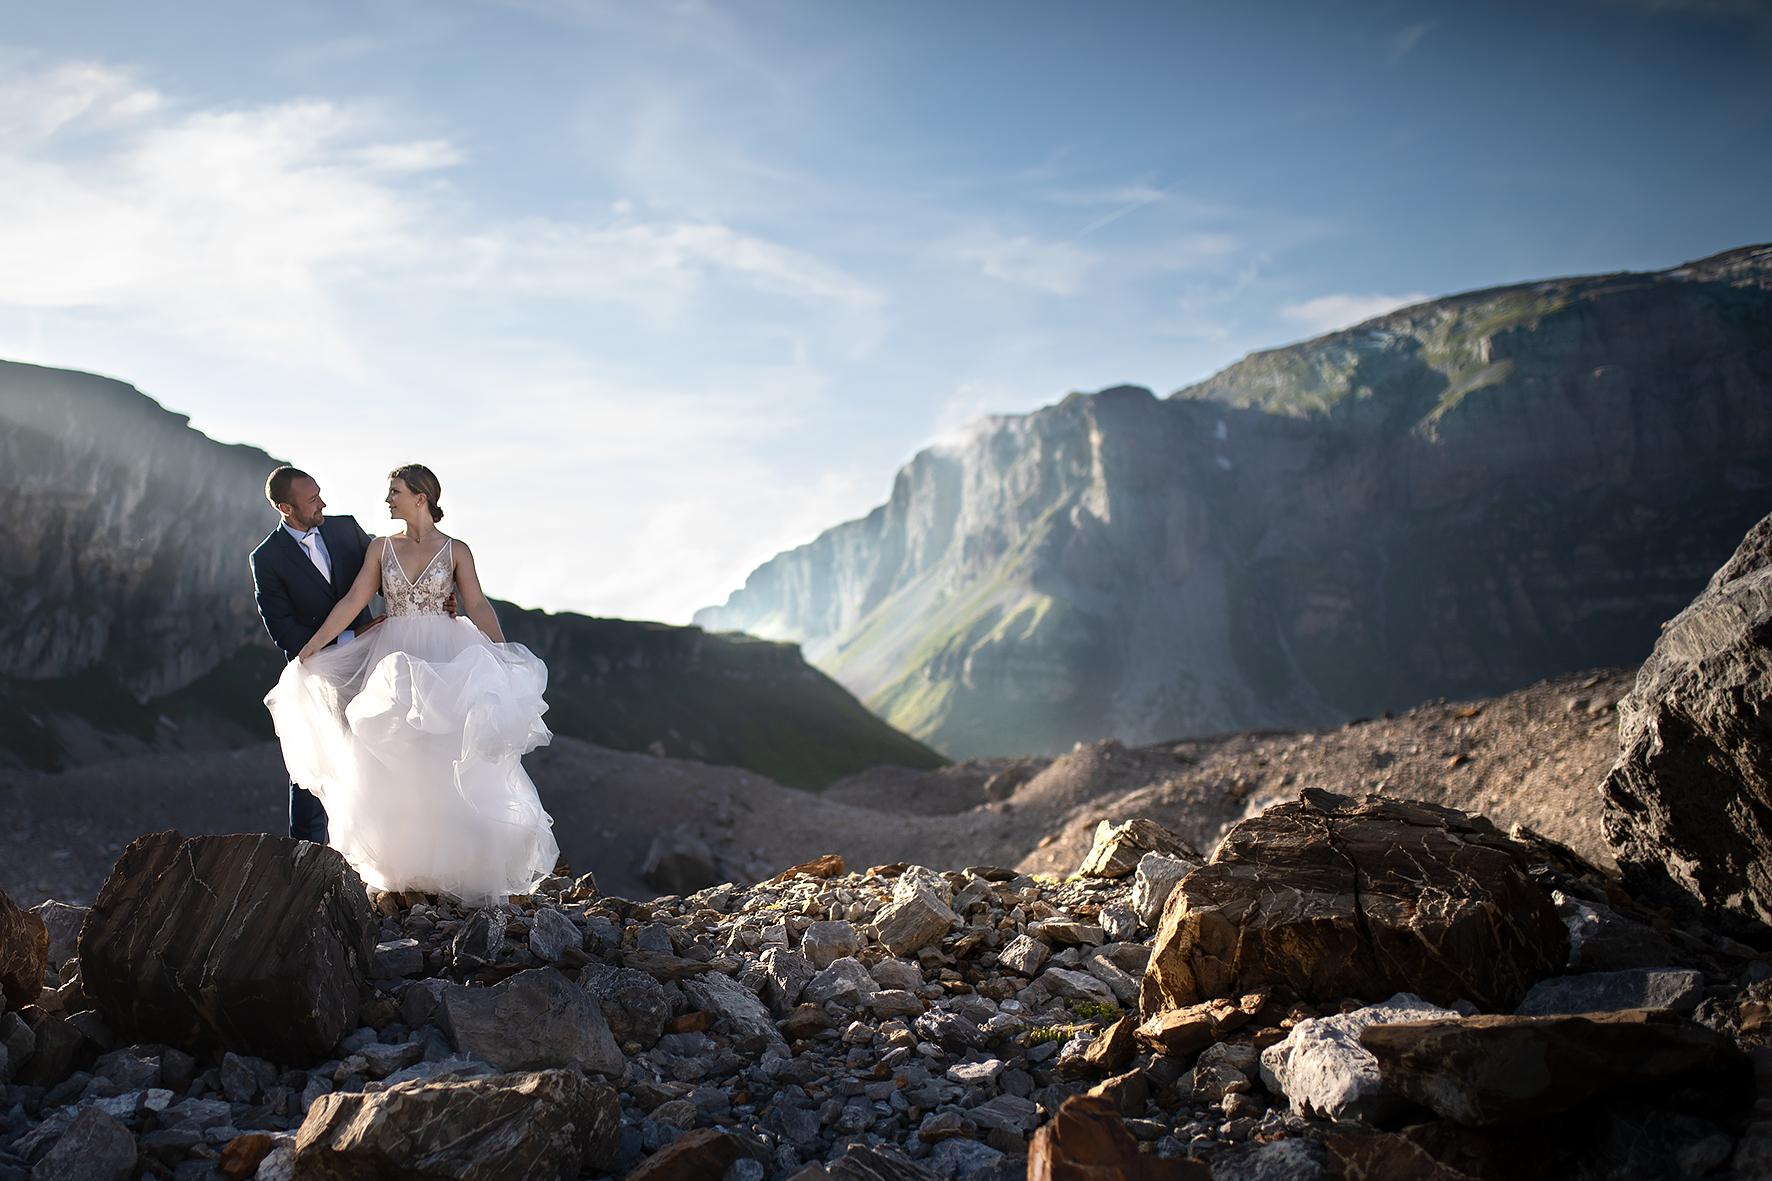 After_Wedding_Shooting_Schweiz_Alpen_17